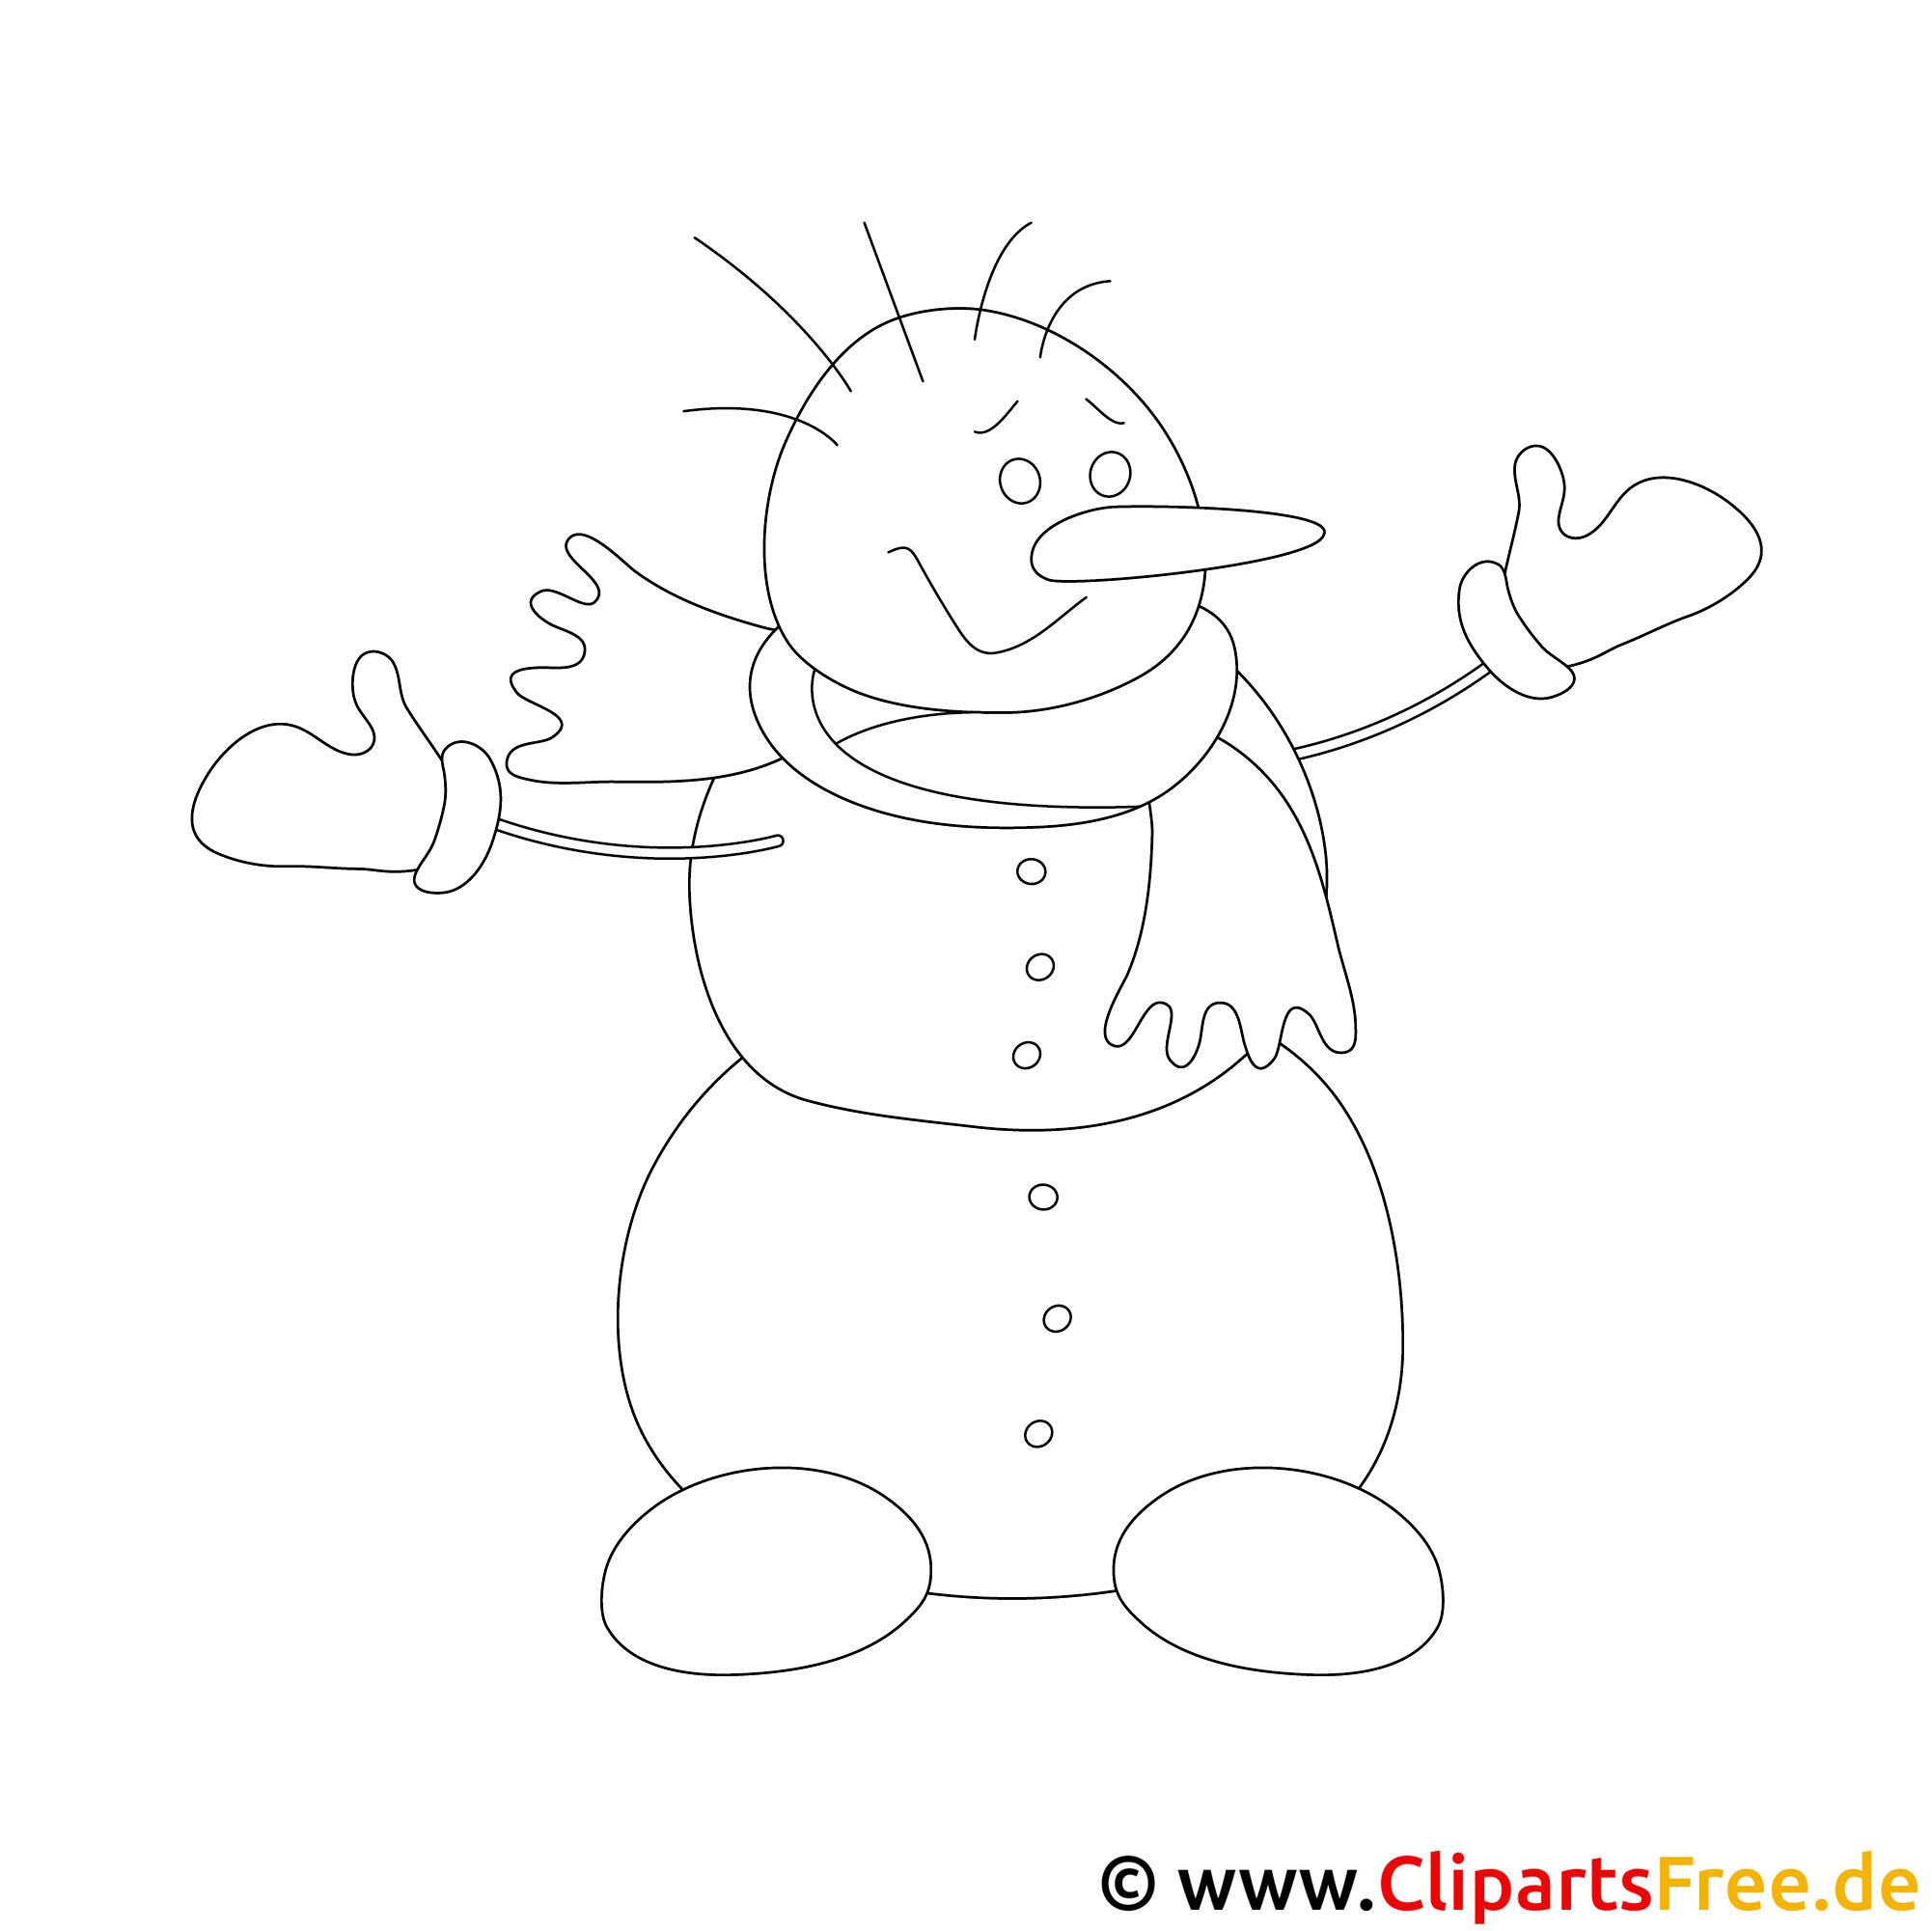 schneemann malvorlage zu weihnachten